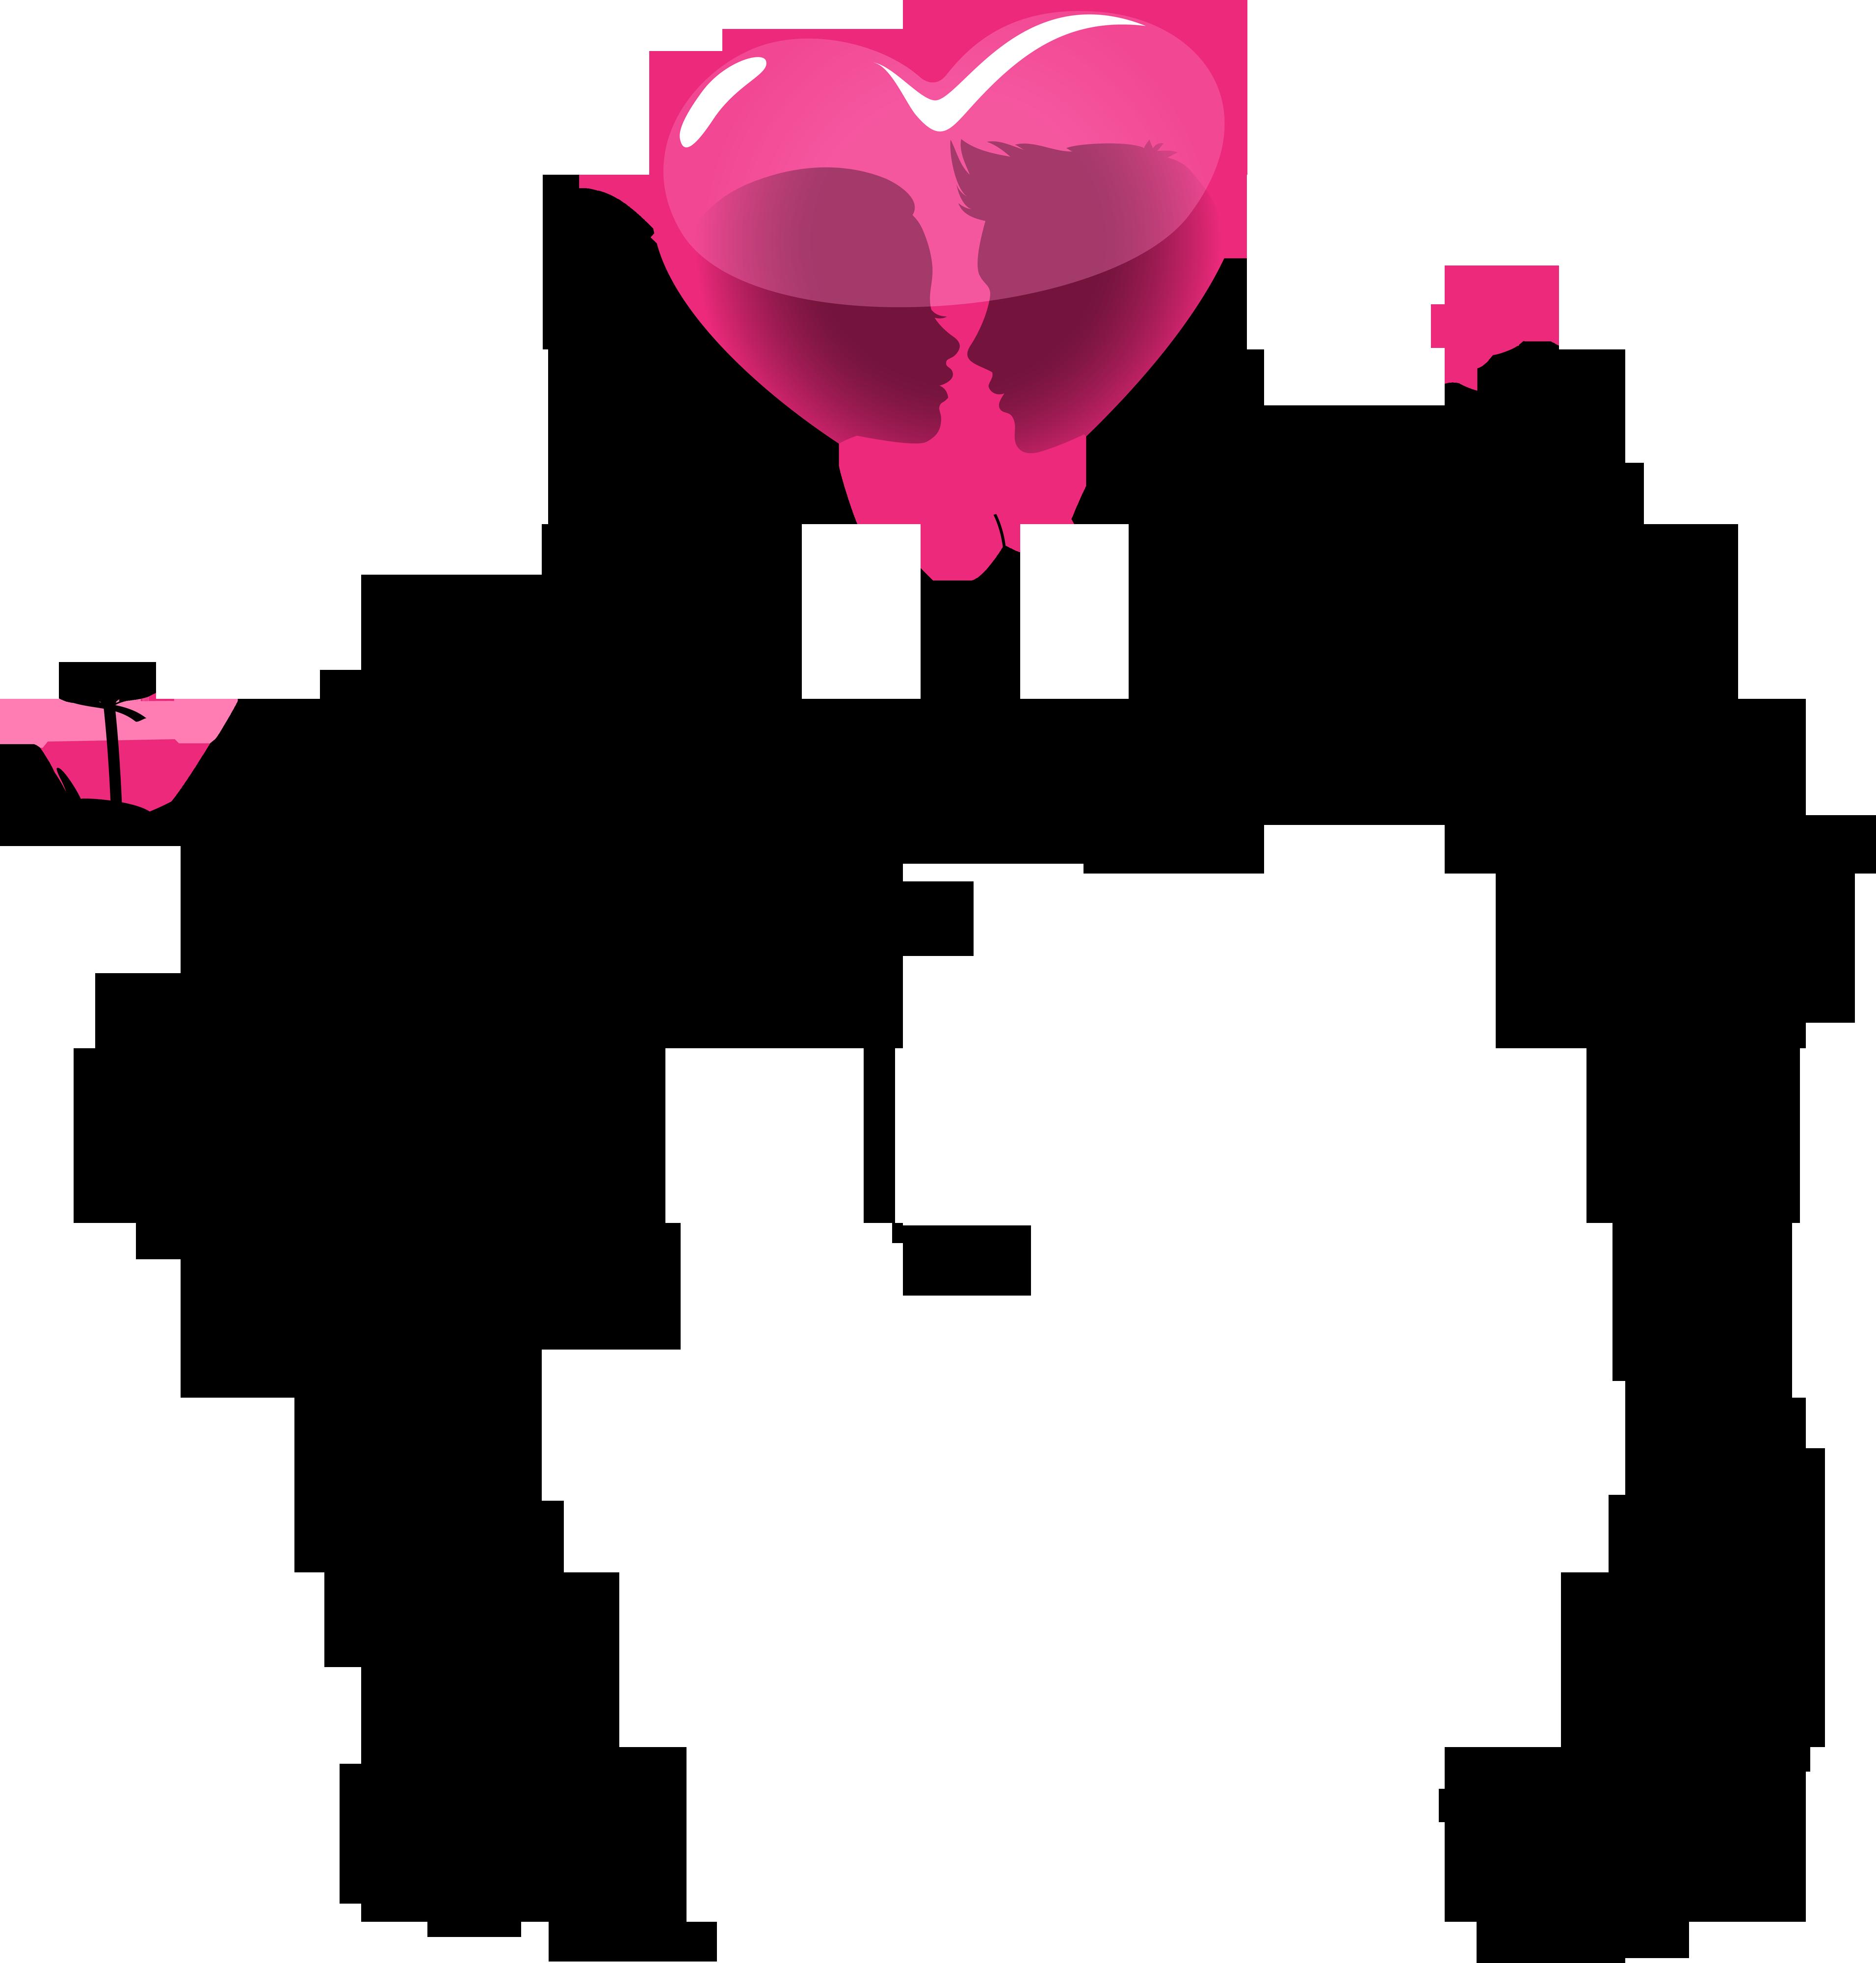 14 февраля, День Валентина, парочки, для фотографий, для фотошоп, картинки на прозрачном фоне, рукоделки василисы, сердечки, скрап набор, свидание, цифровой скрапбукинг